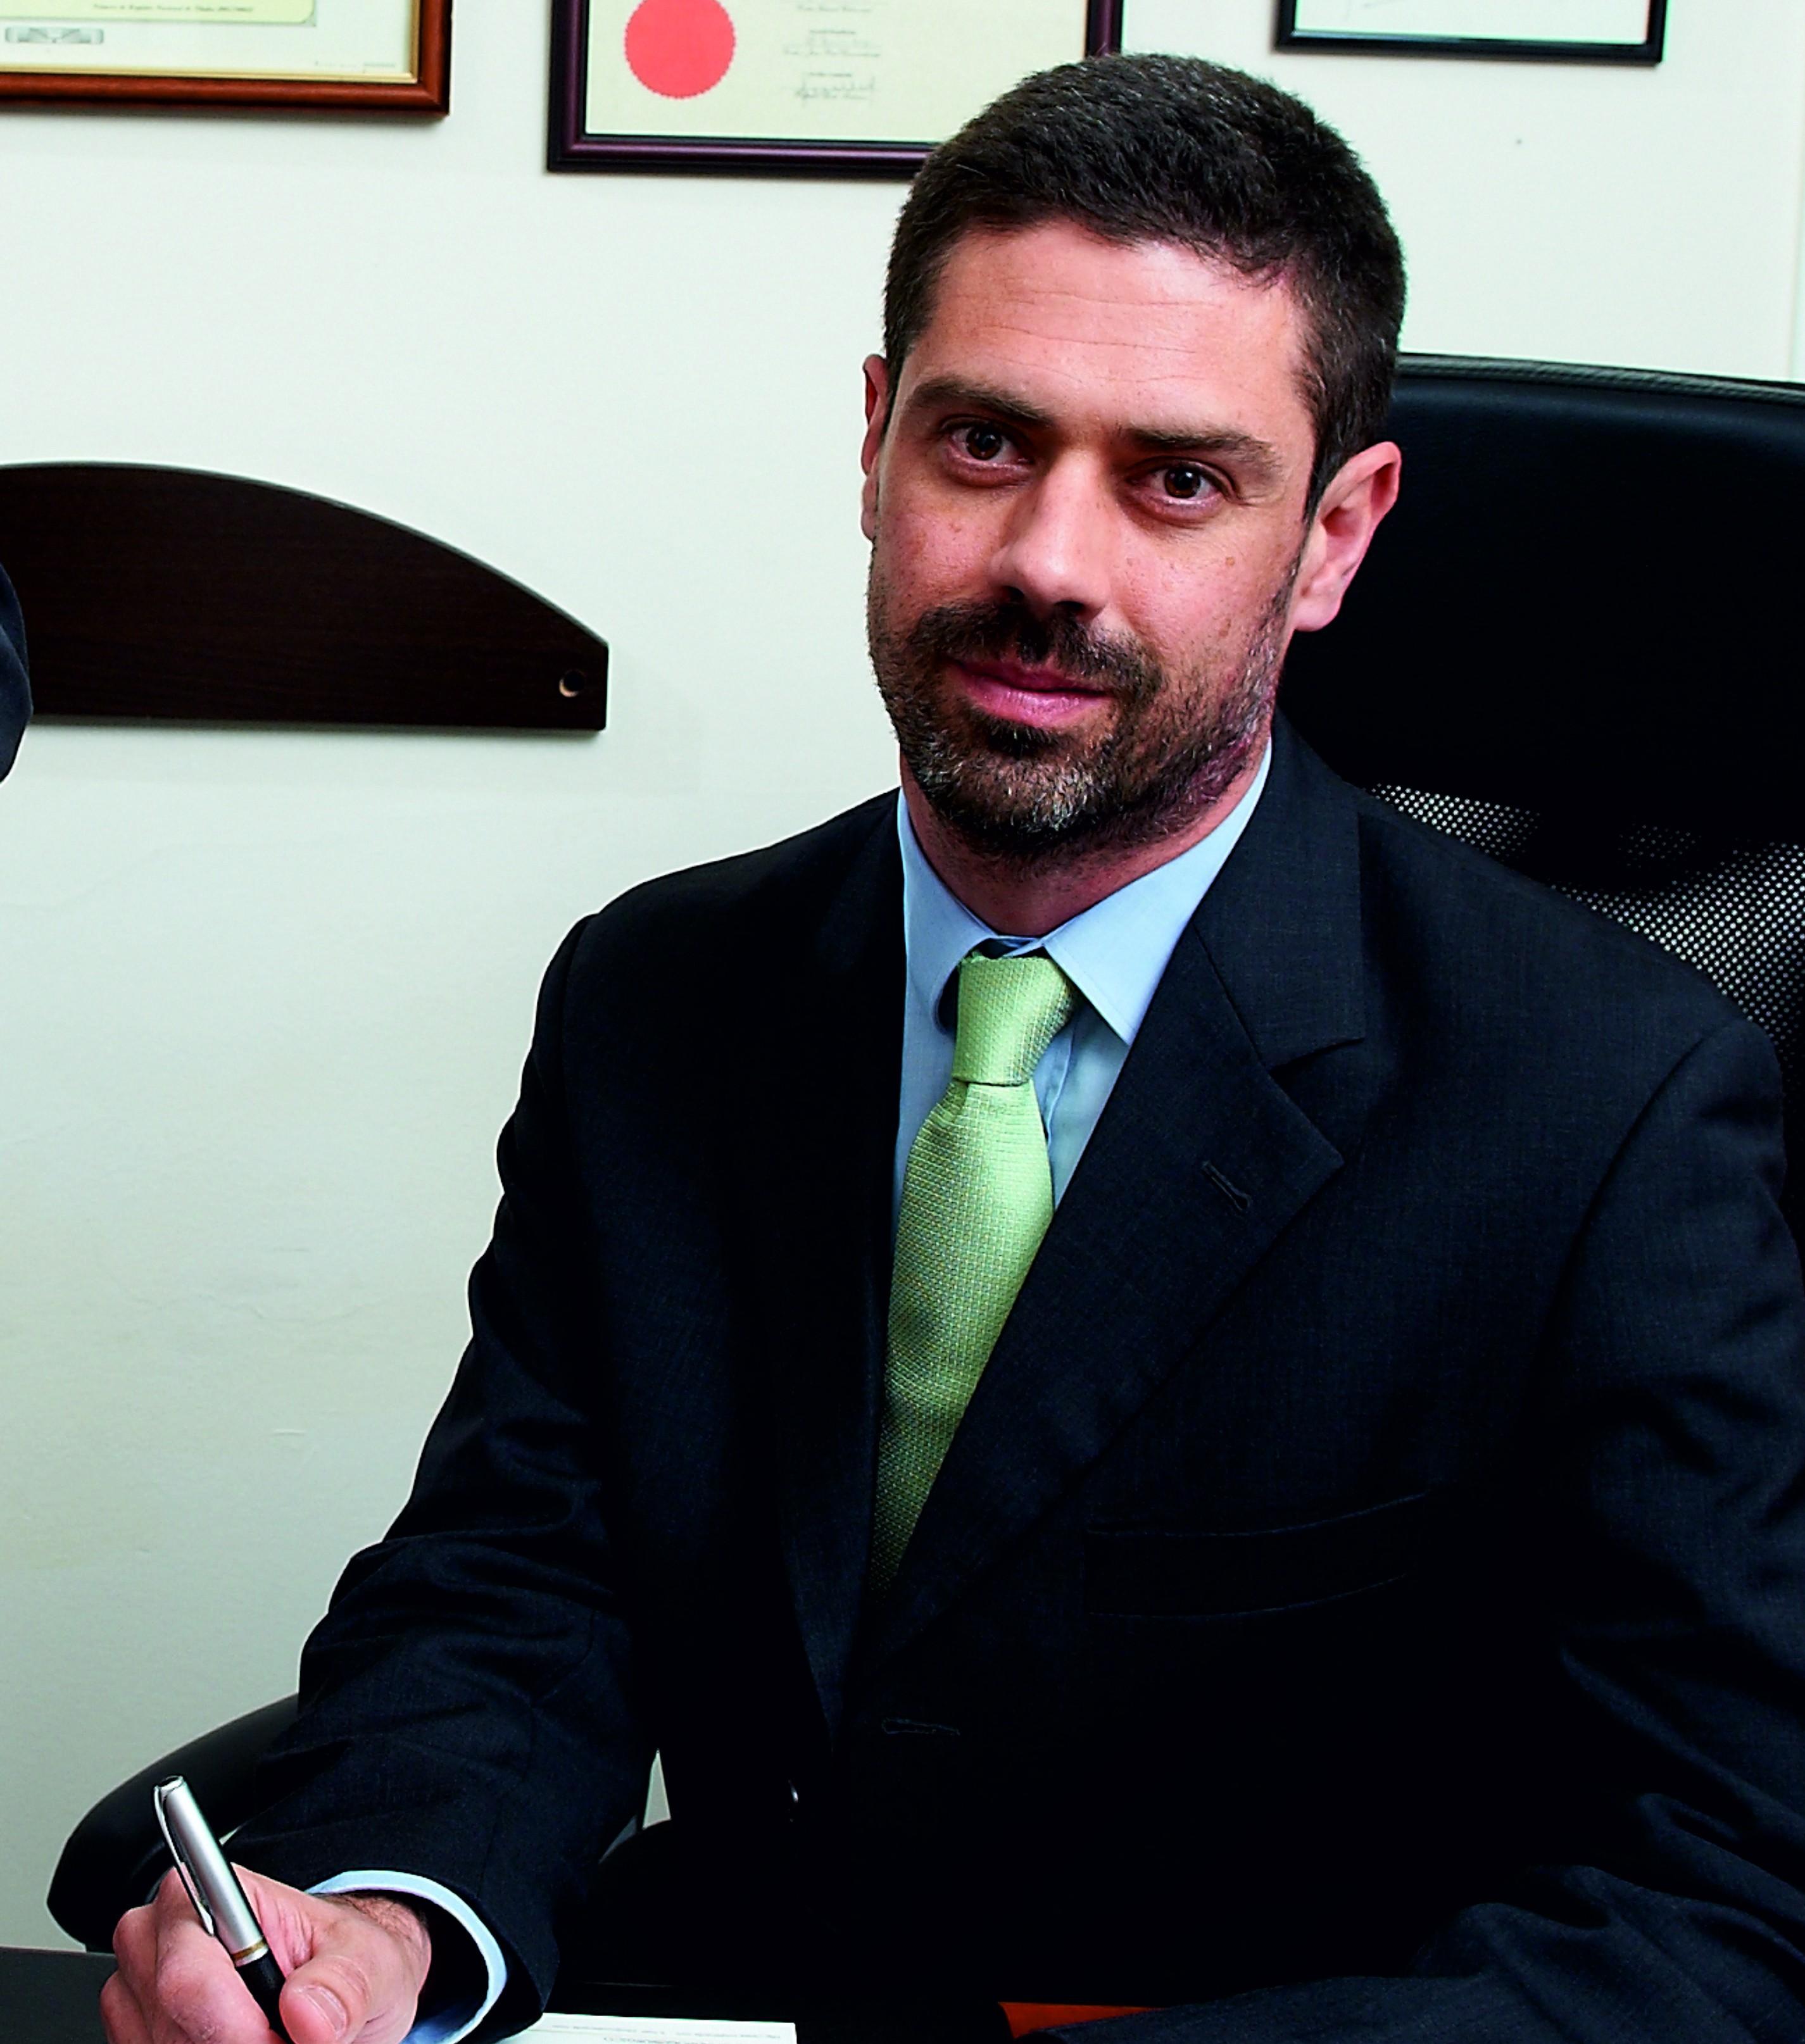 Dr. Manuel Sánchez-Gijón González-Moro